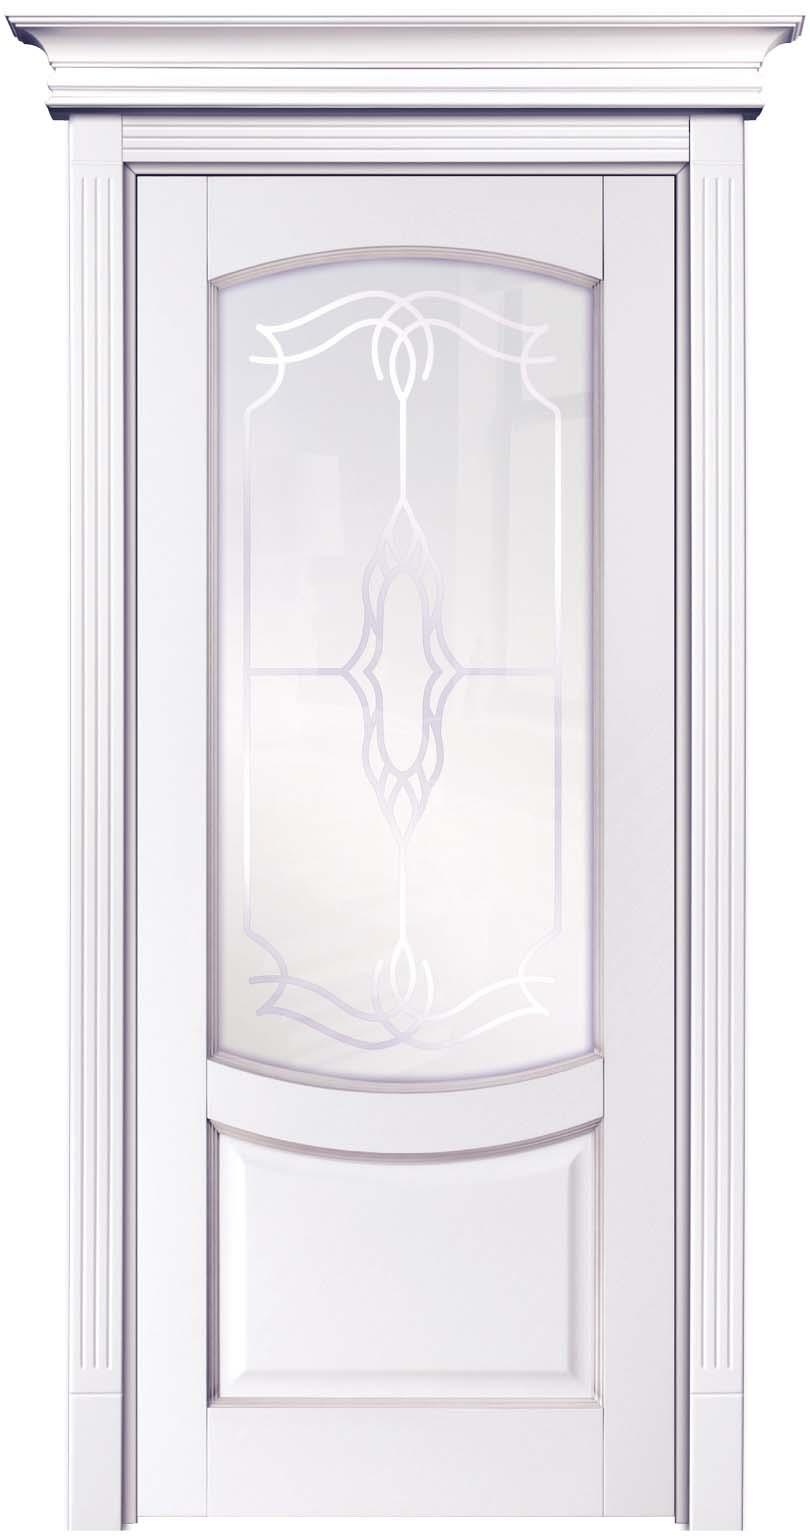 Крашенная дверь из массива бука с карнизом - Белинский, цвет лен спатиной Иней